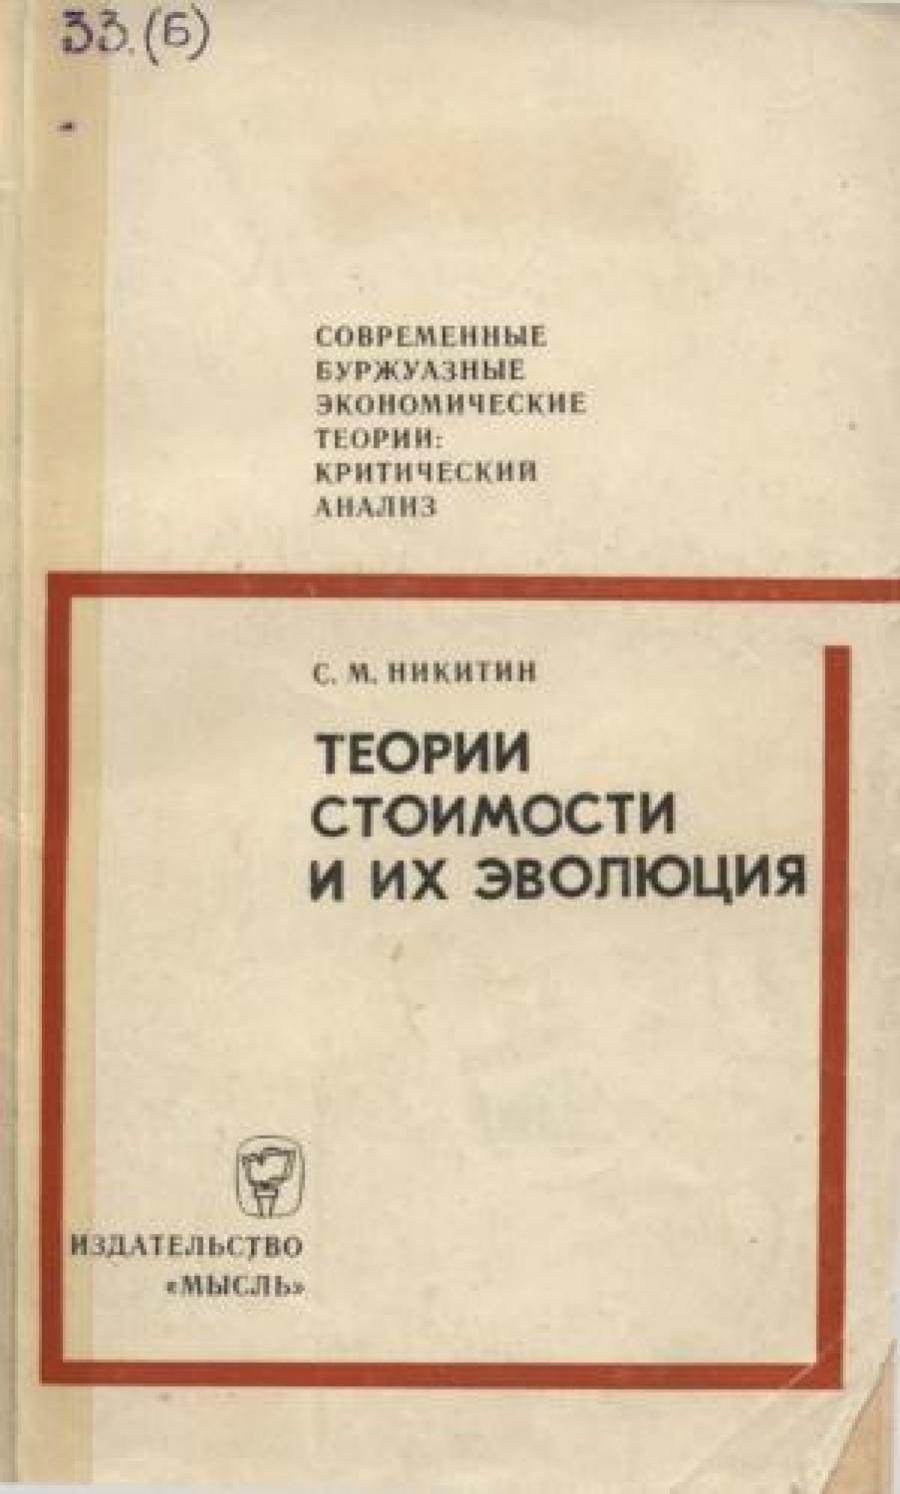 Обложка книги:  никитин с.м. - теории стоимости и их эволюция